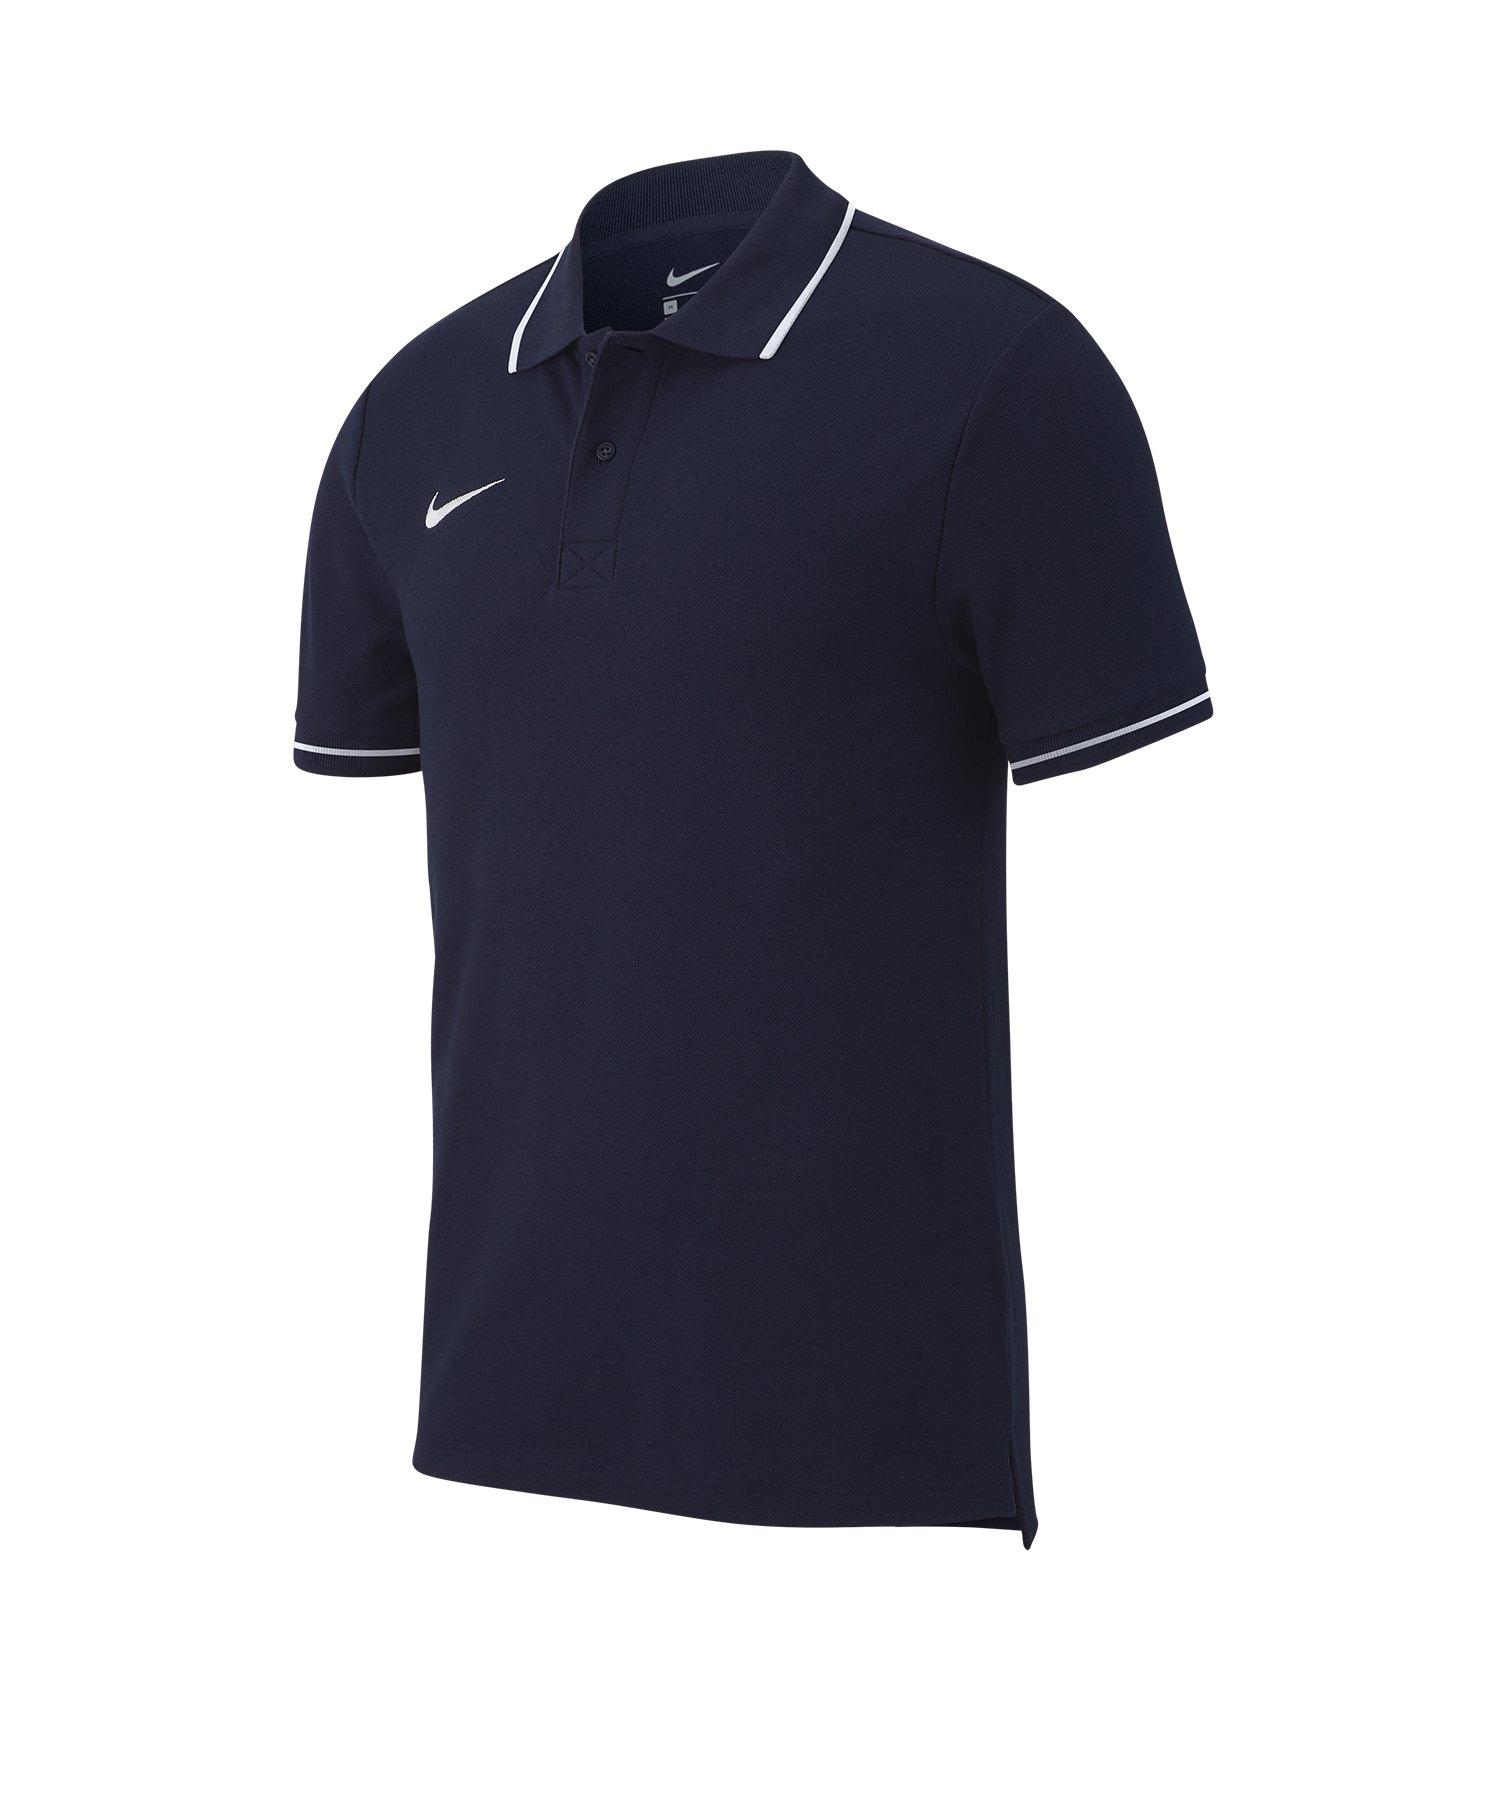 Nike Club 19 Poloshirt Blau F451 - blau